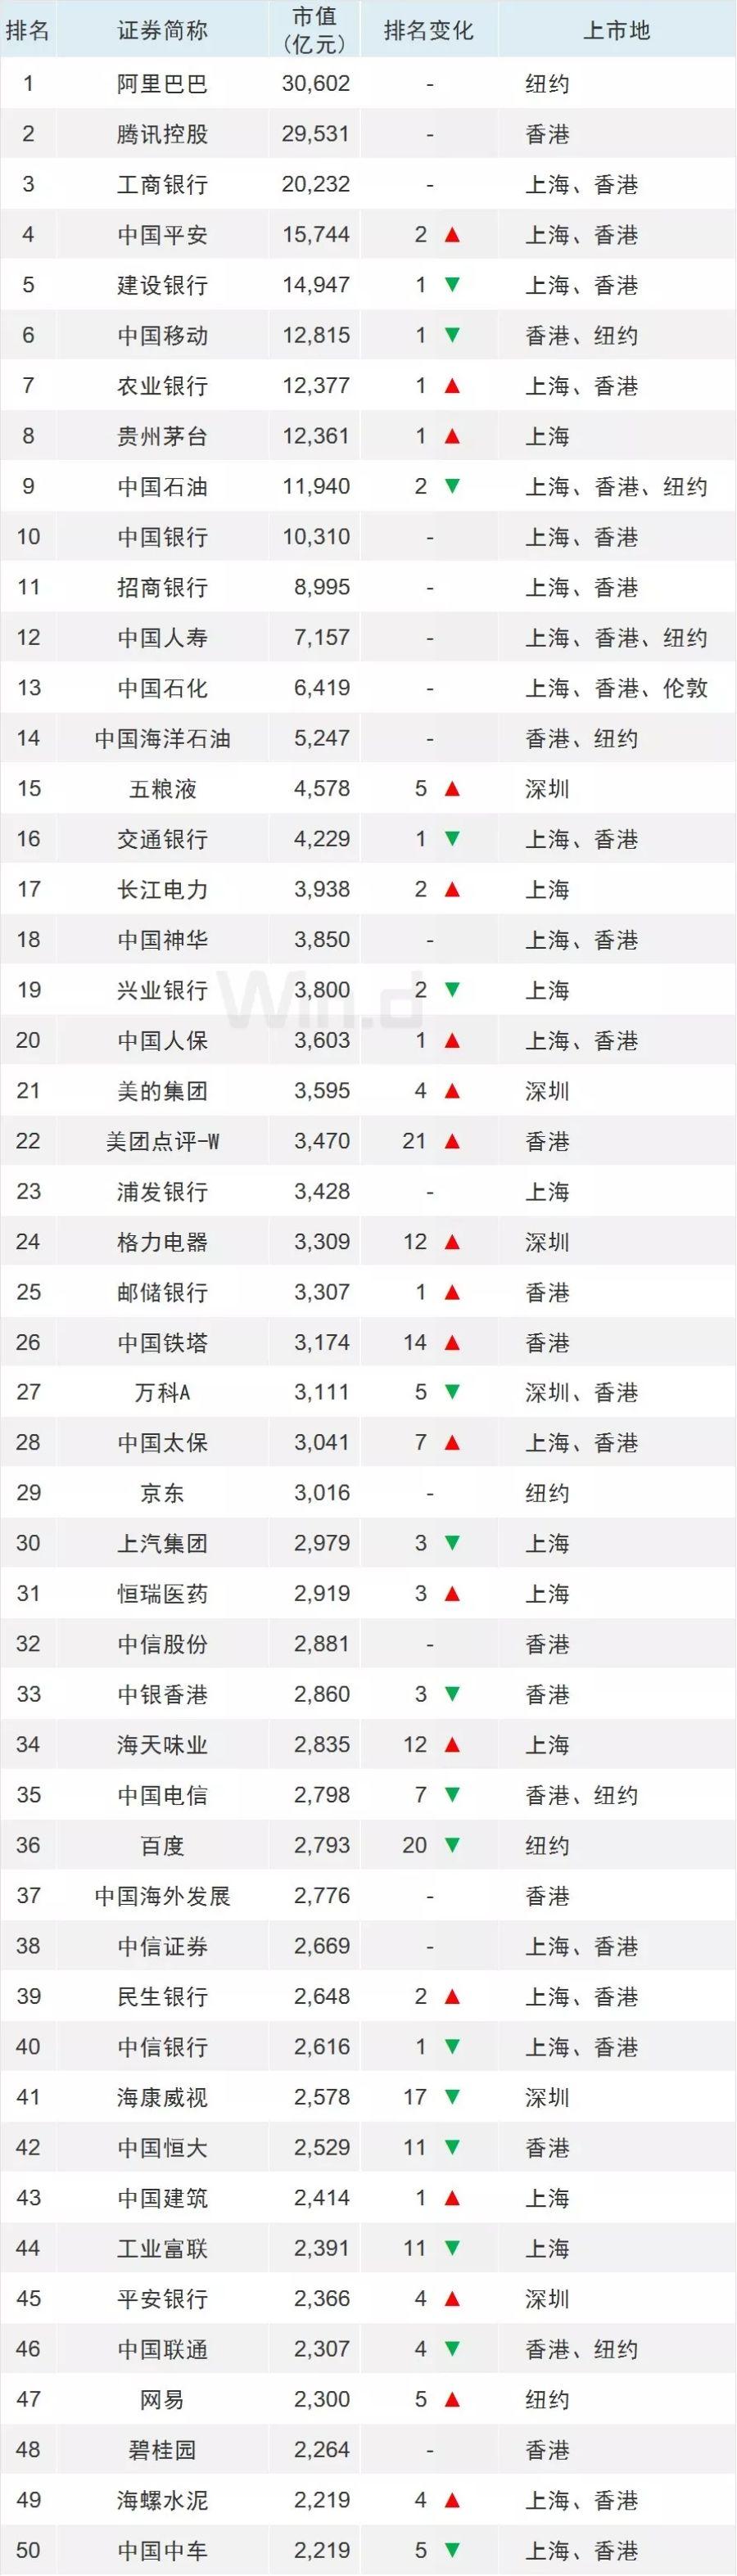 东方雨虹338亿排名第350位,上升71位!中国上市企业上半年市值500强揭晓丨企业